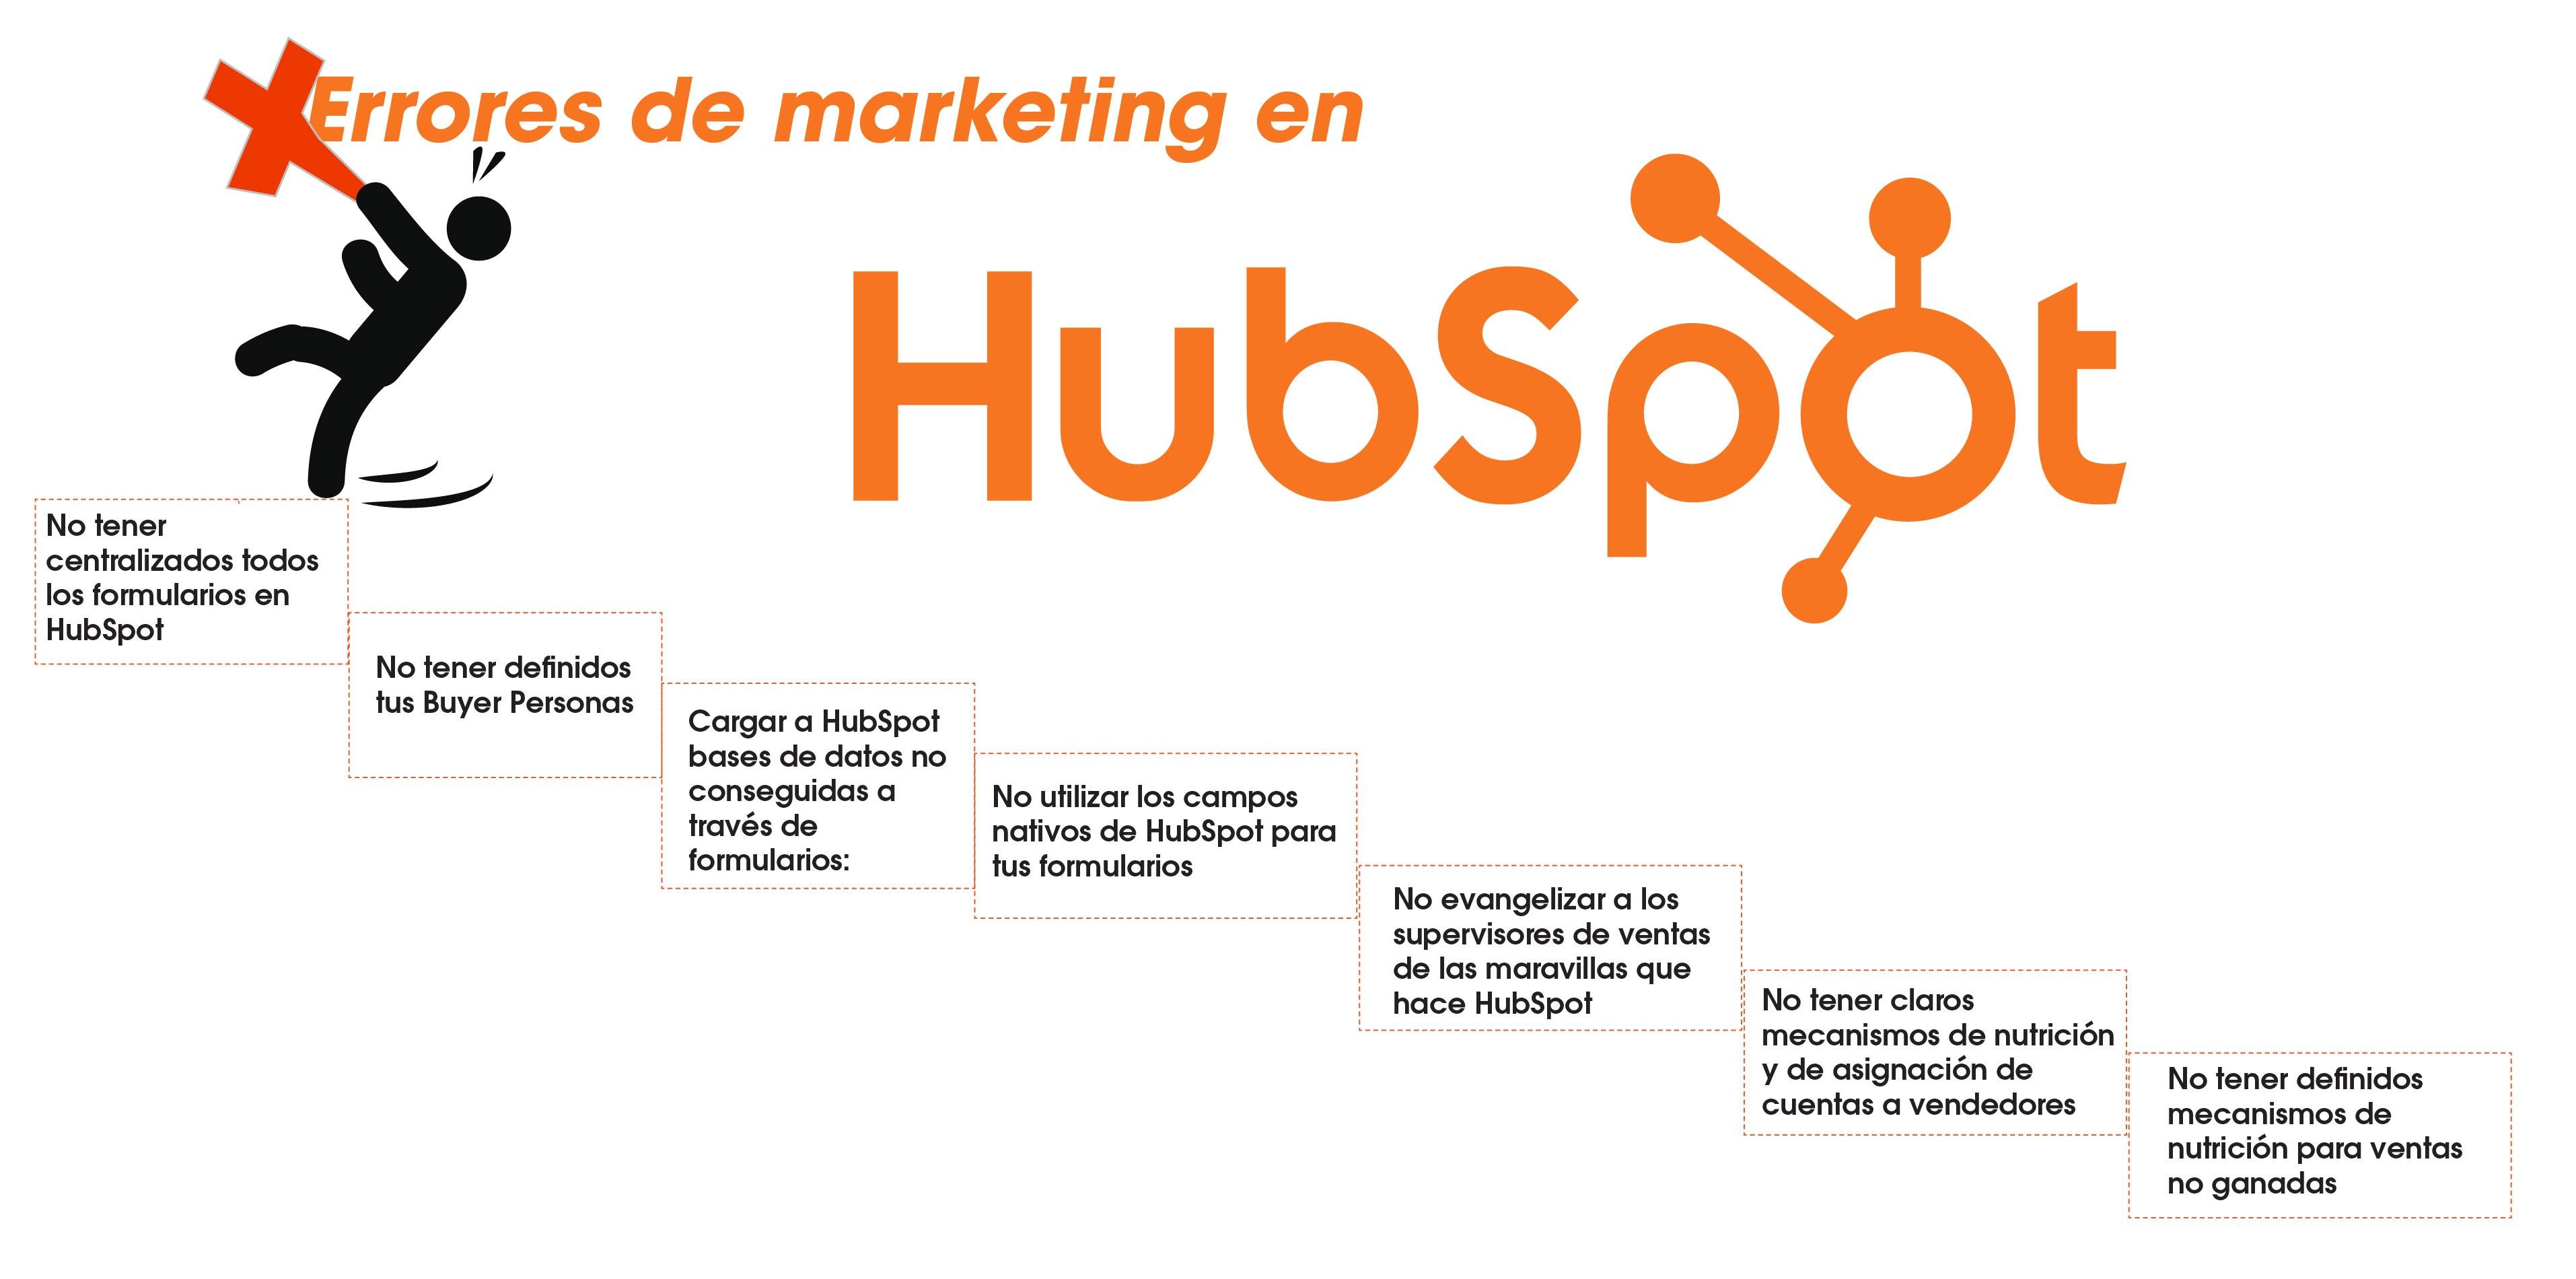 errores en los equipos de Marketing